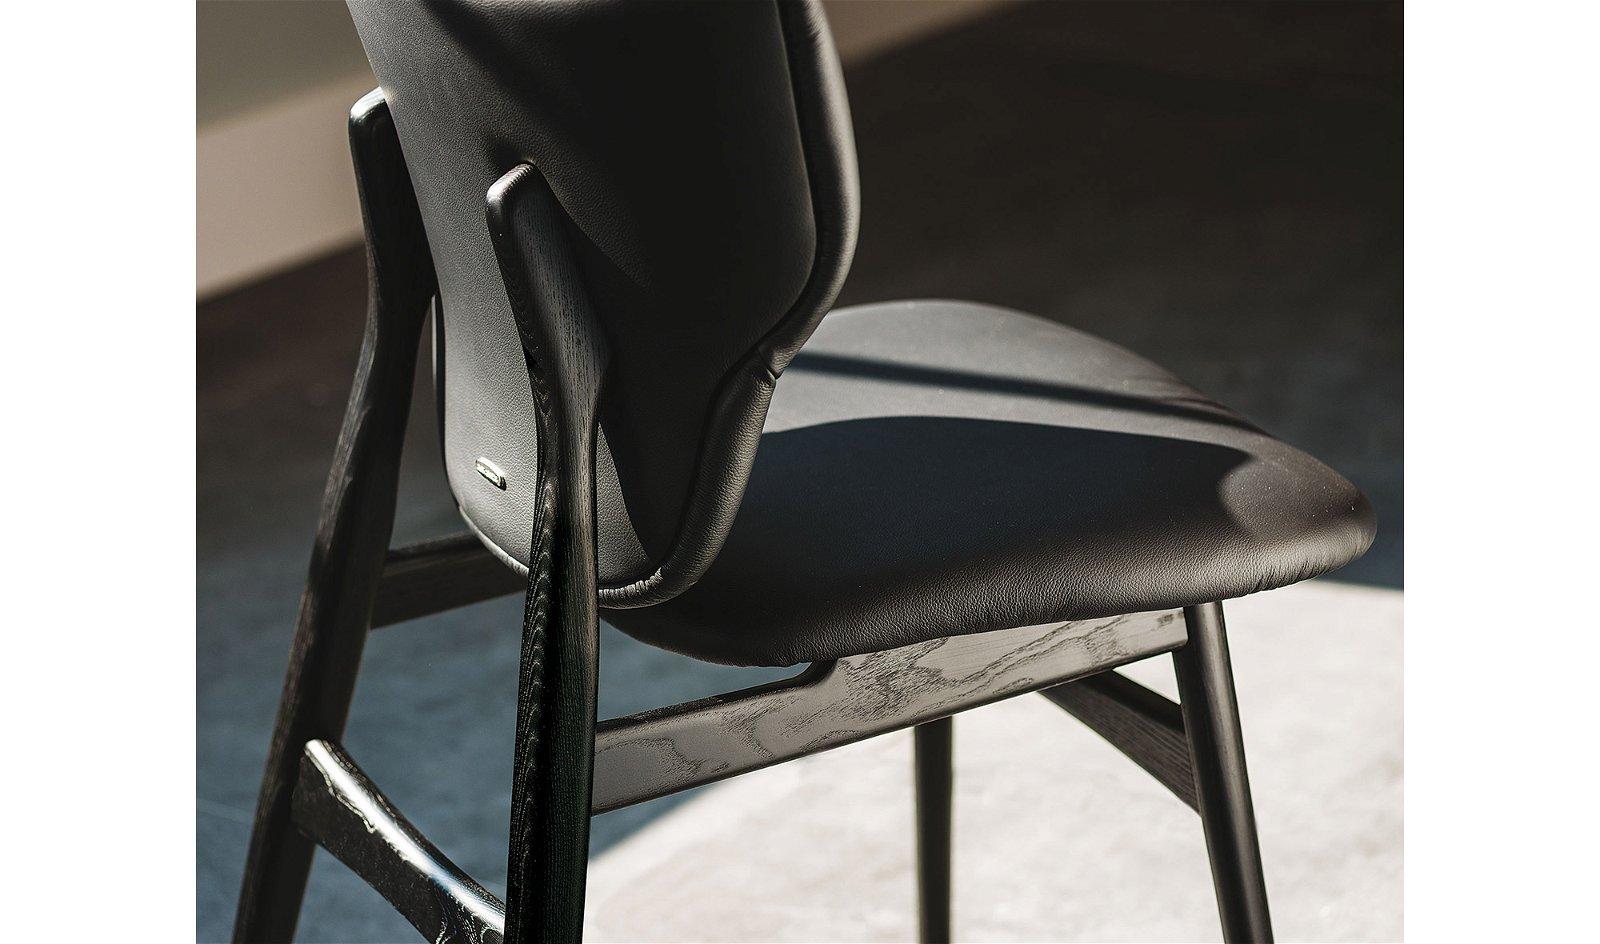 Silla moderna Dumbo Cattelan